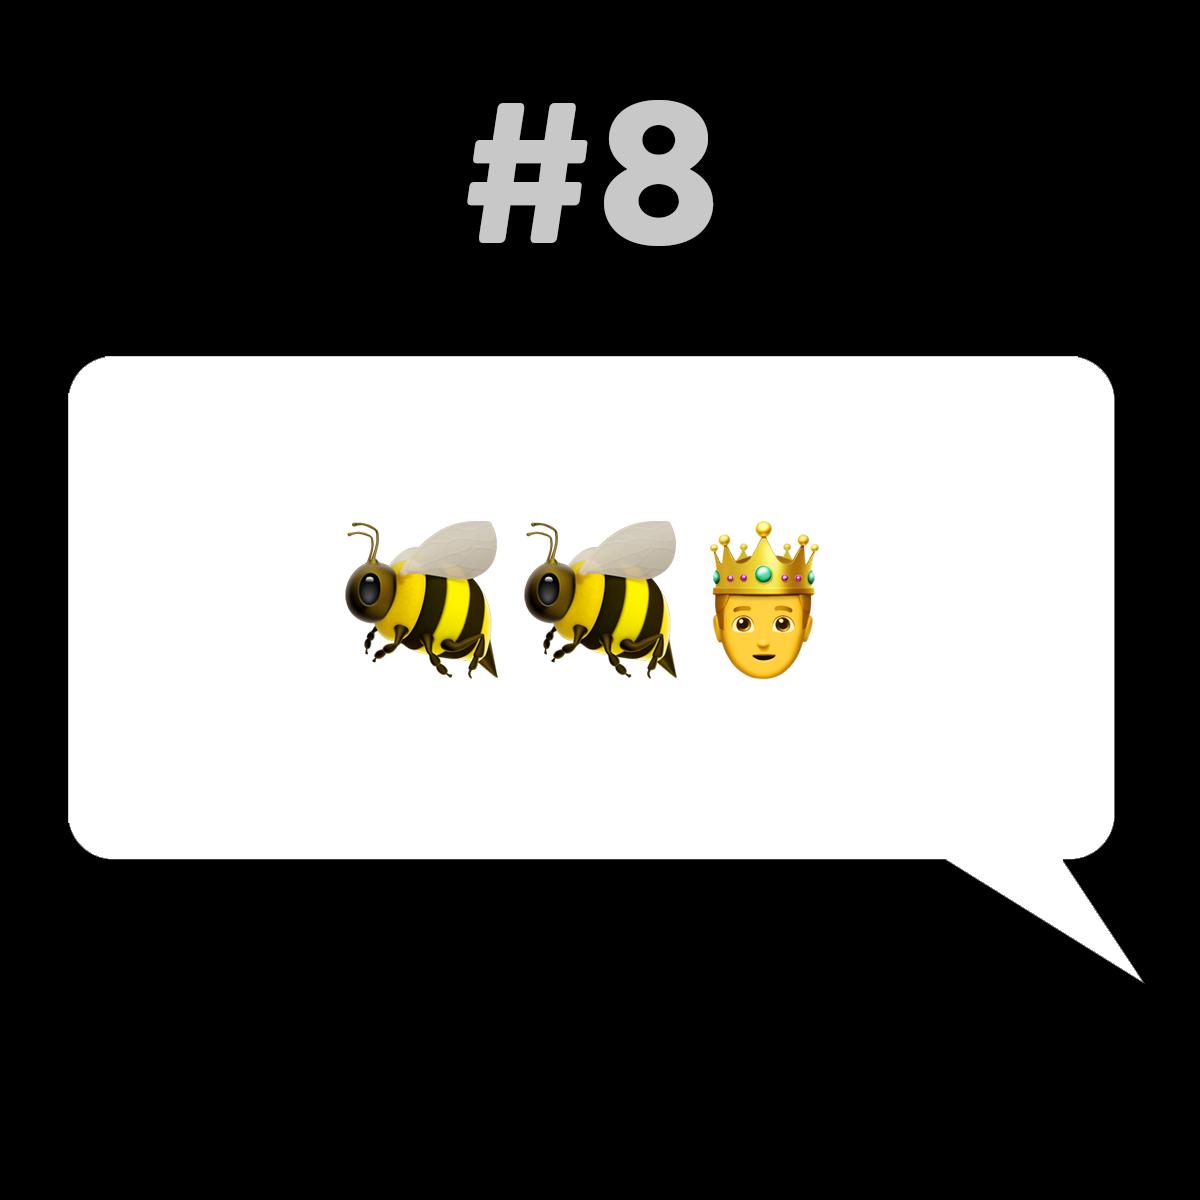 Musik-Acts in Emojis emojibands_08